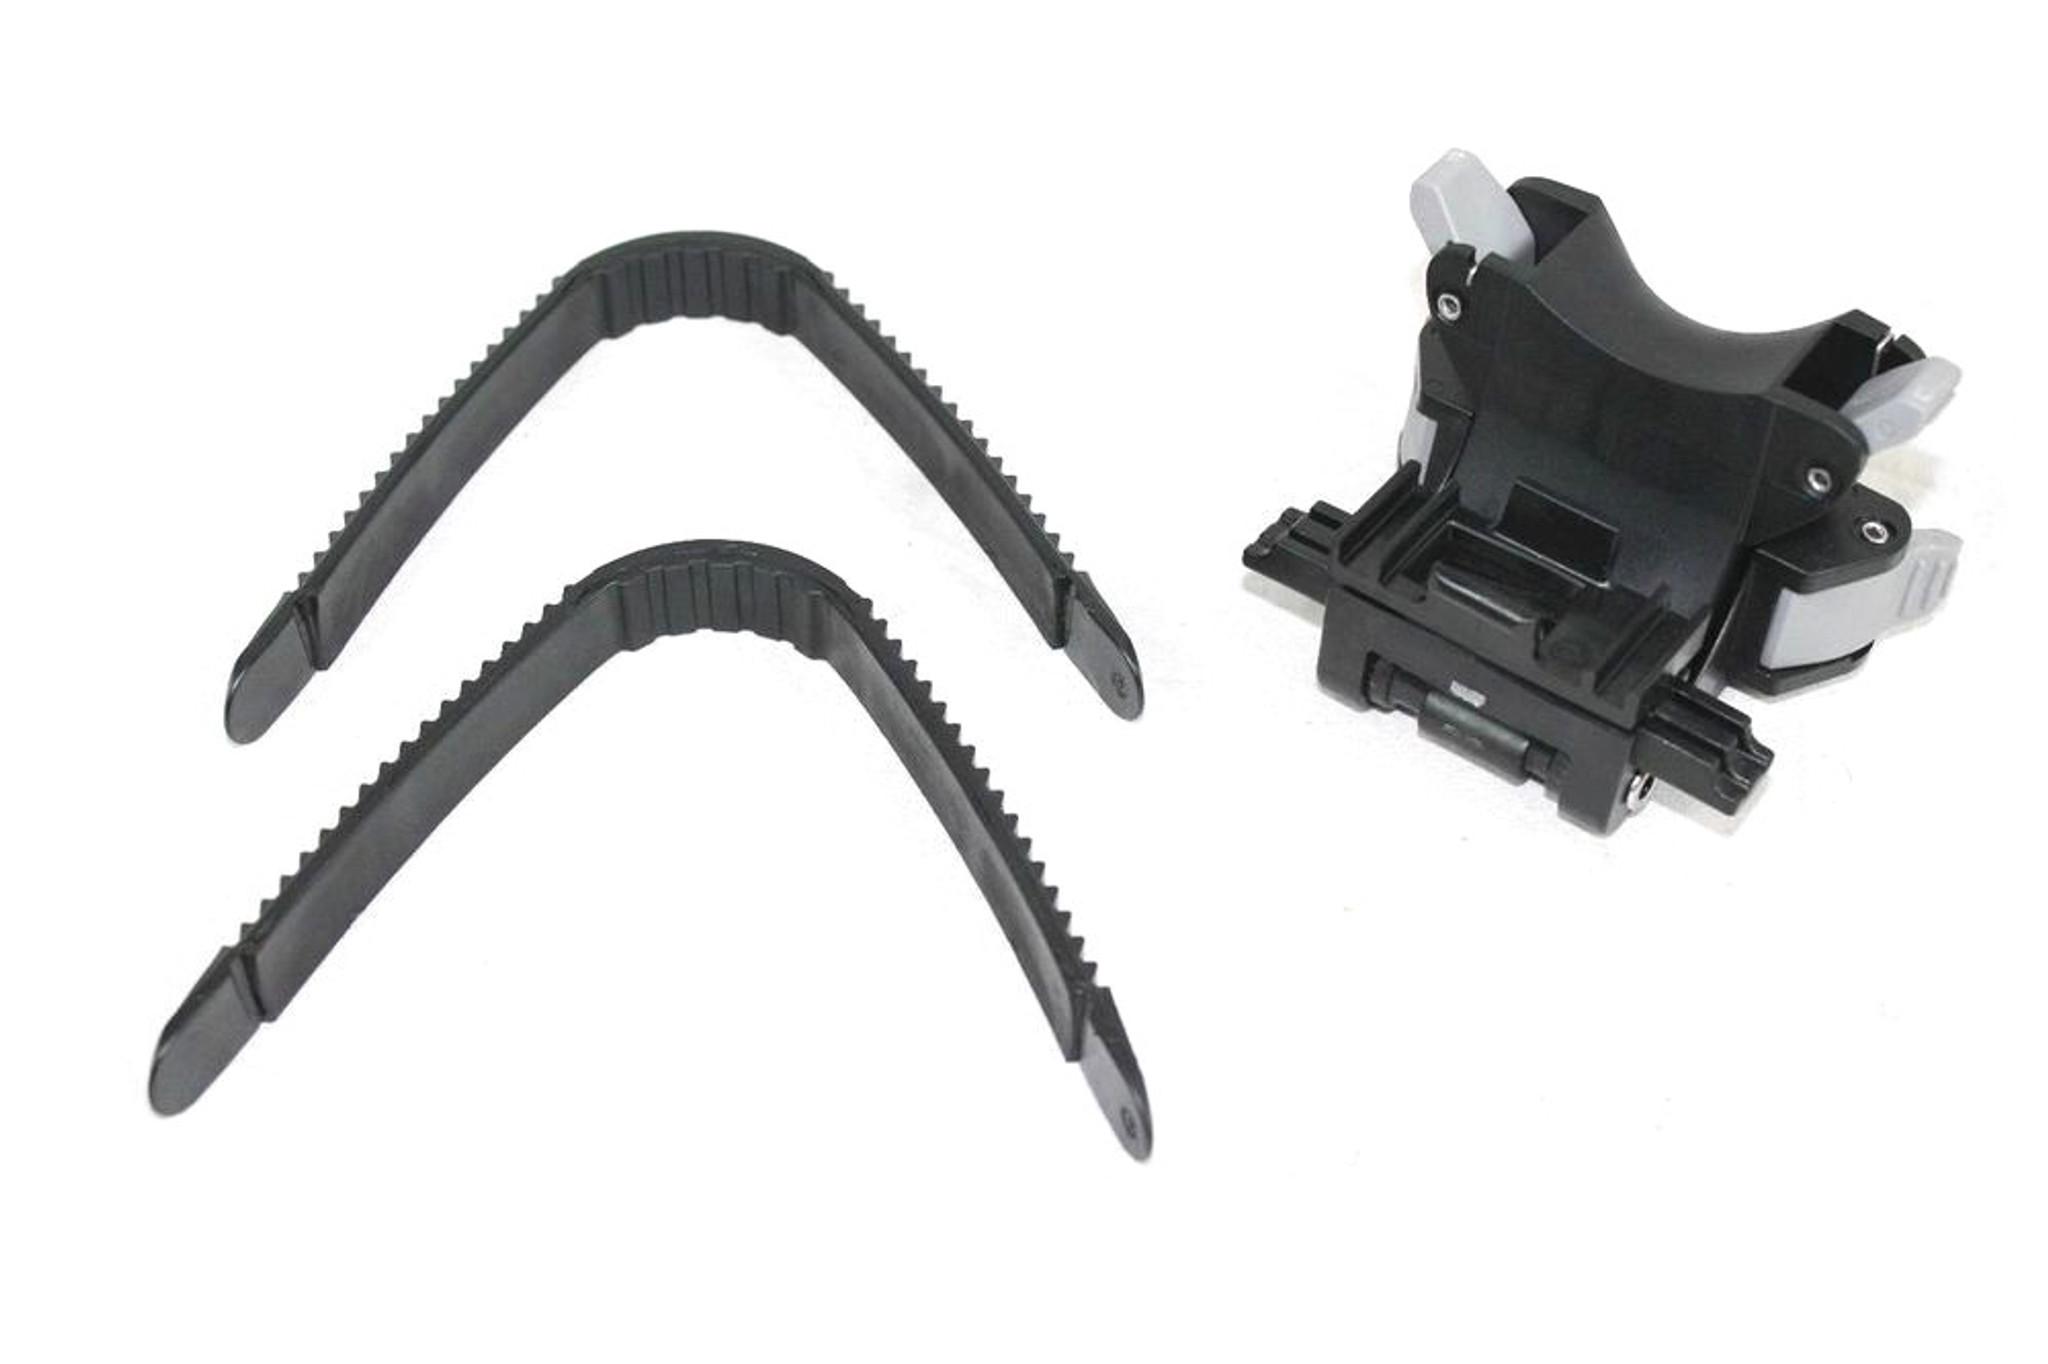 Yakima Replacement Anti-Sway Cradle for FullTilt /& FullSwing bike racks 8890302